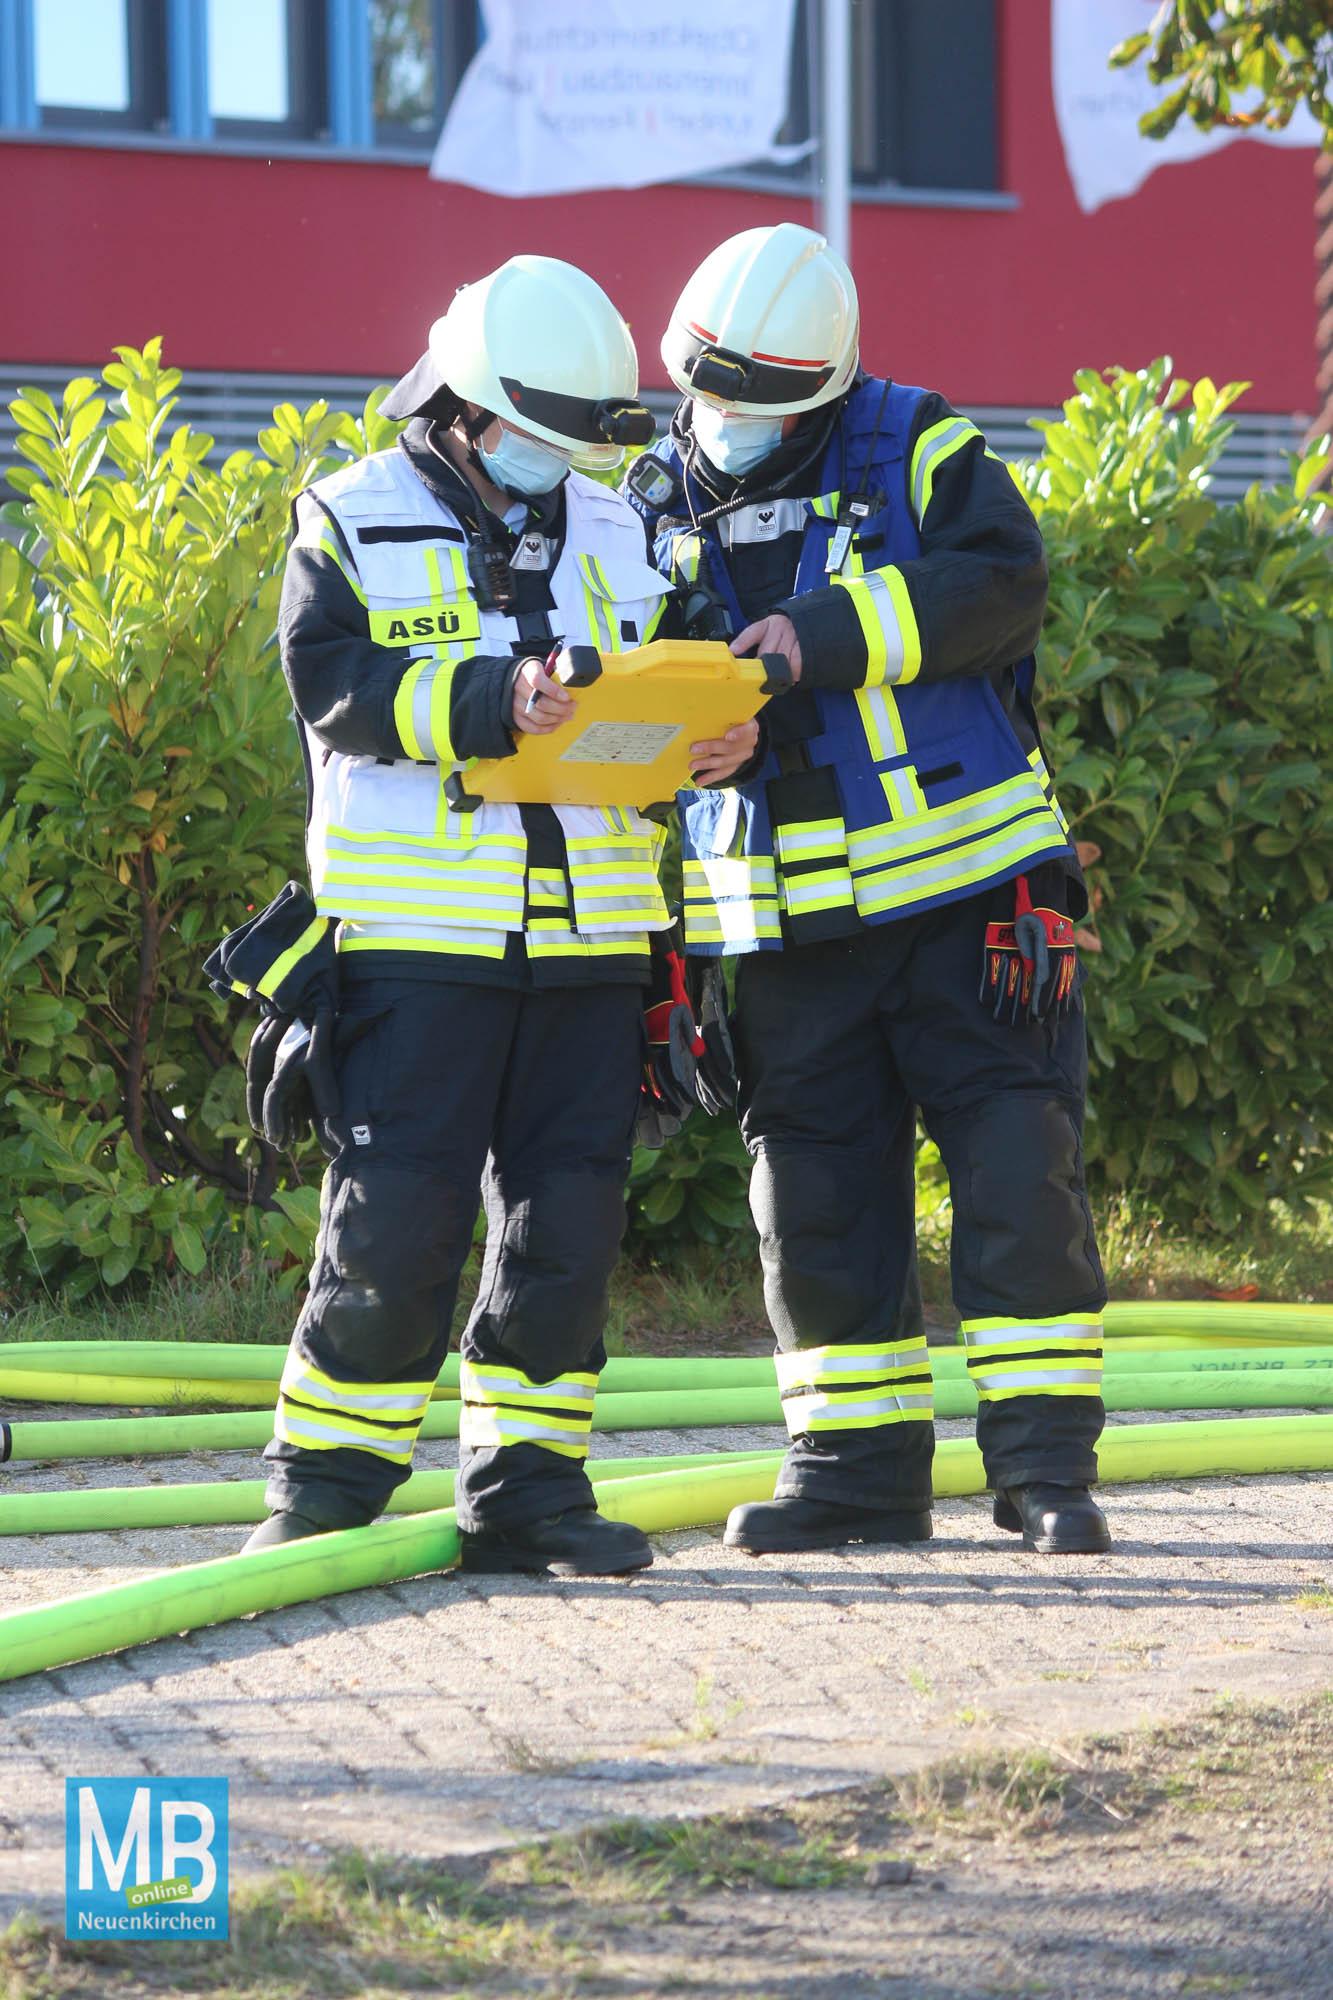 Feuerwehreinsatz am Samstagnachmittag an der Salzbergener Straße in Neuenkirchen. | Fotos: Heuermann